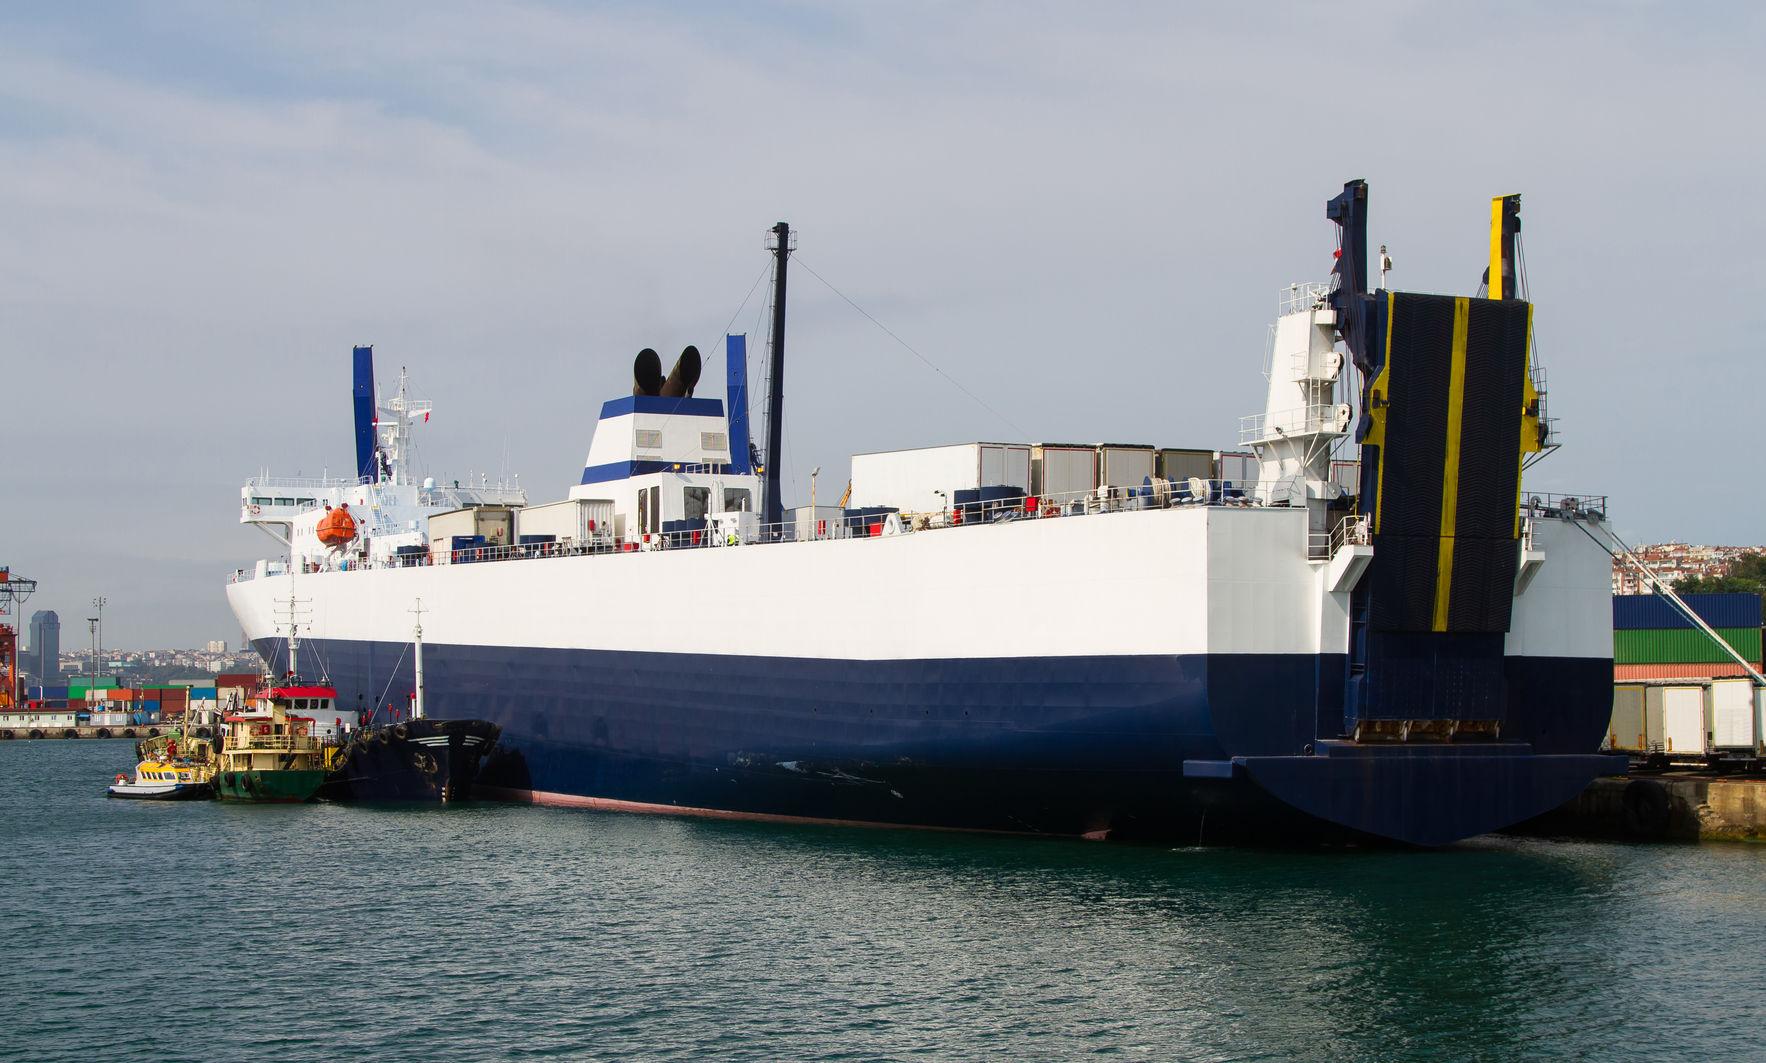 ship-usa-europe-img